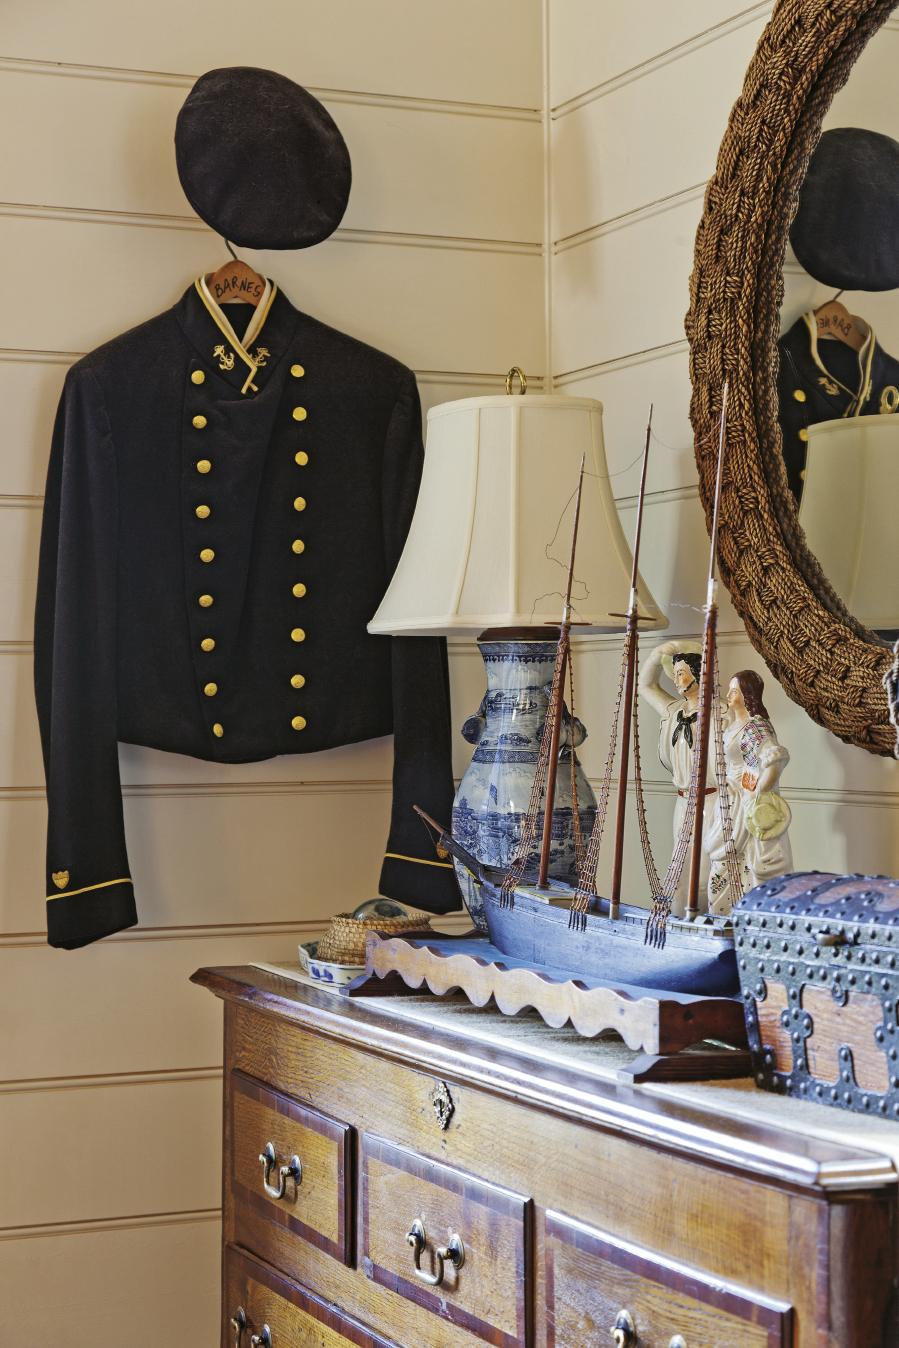 An antique seafarer's uniform graces the second-floor bedroom.